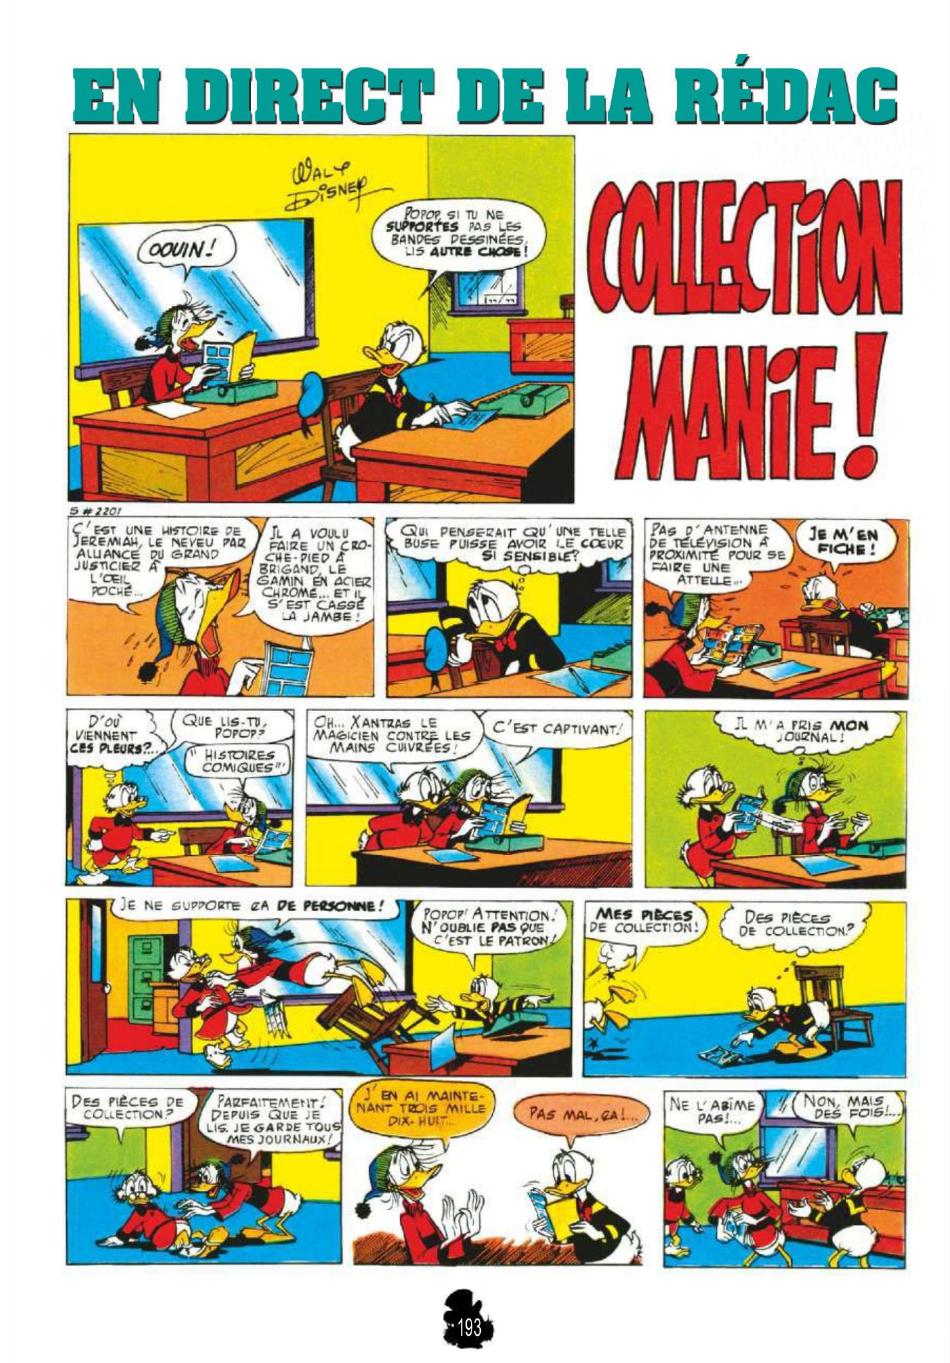 Collection manie !